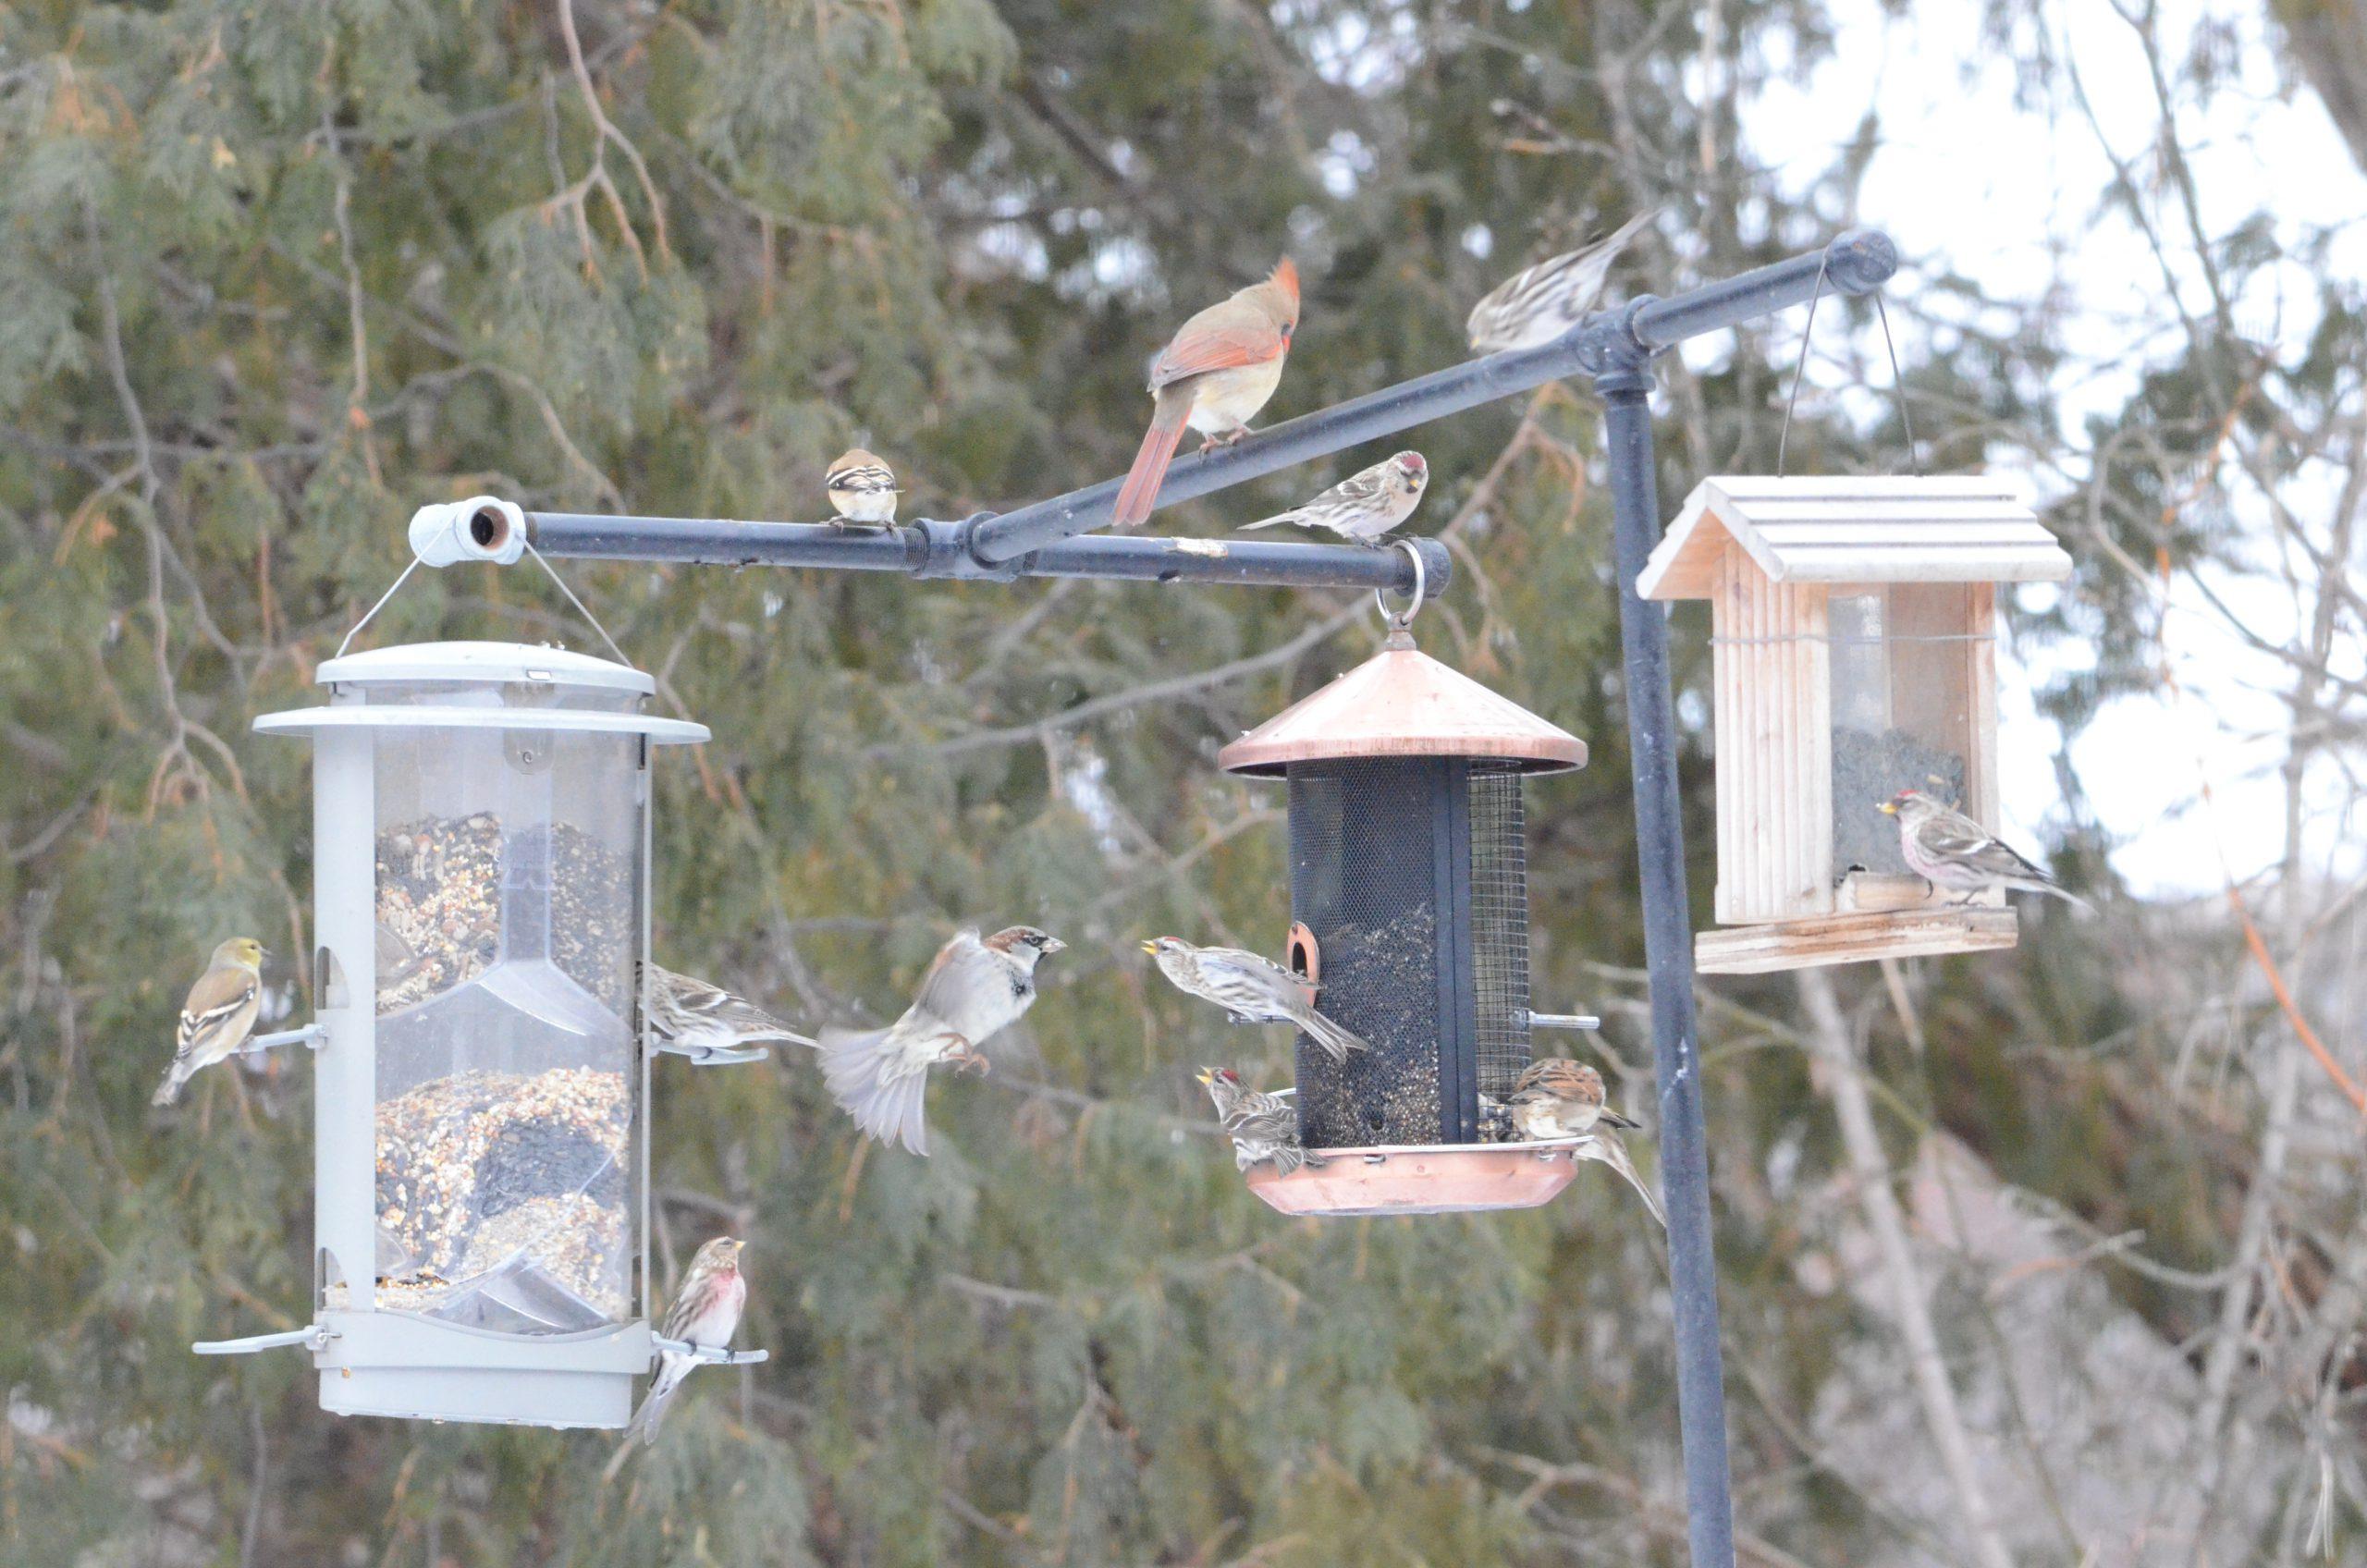 An assortment of small winter birds at a bird feeder station